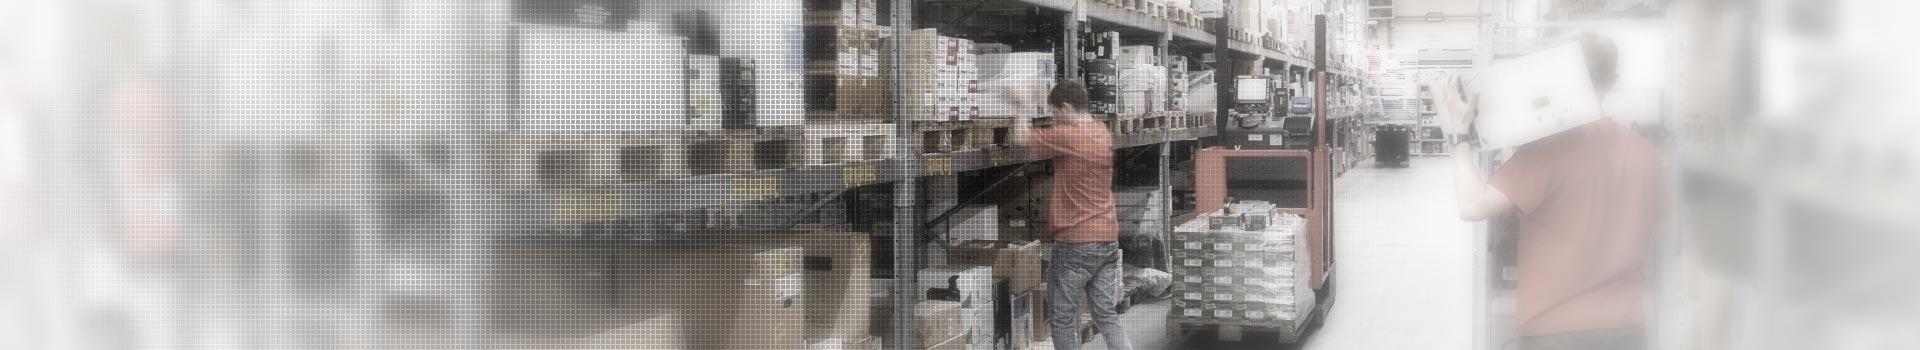 manuelle_sortier_kommissionierung